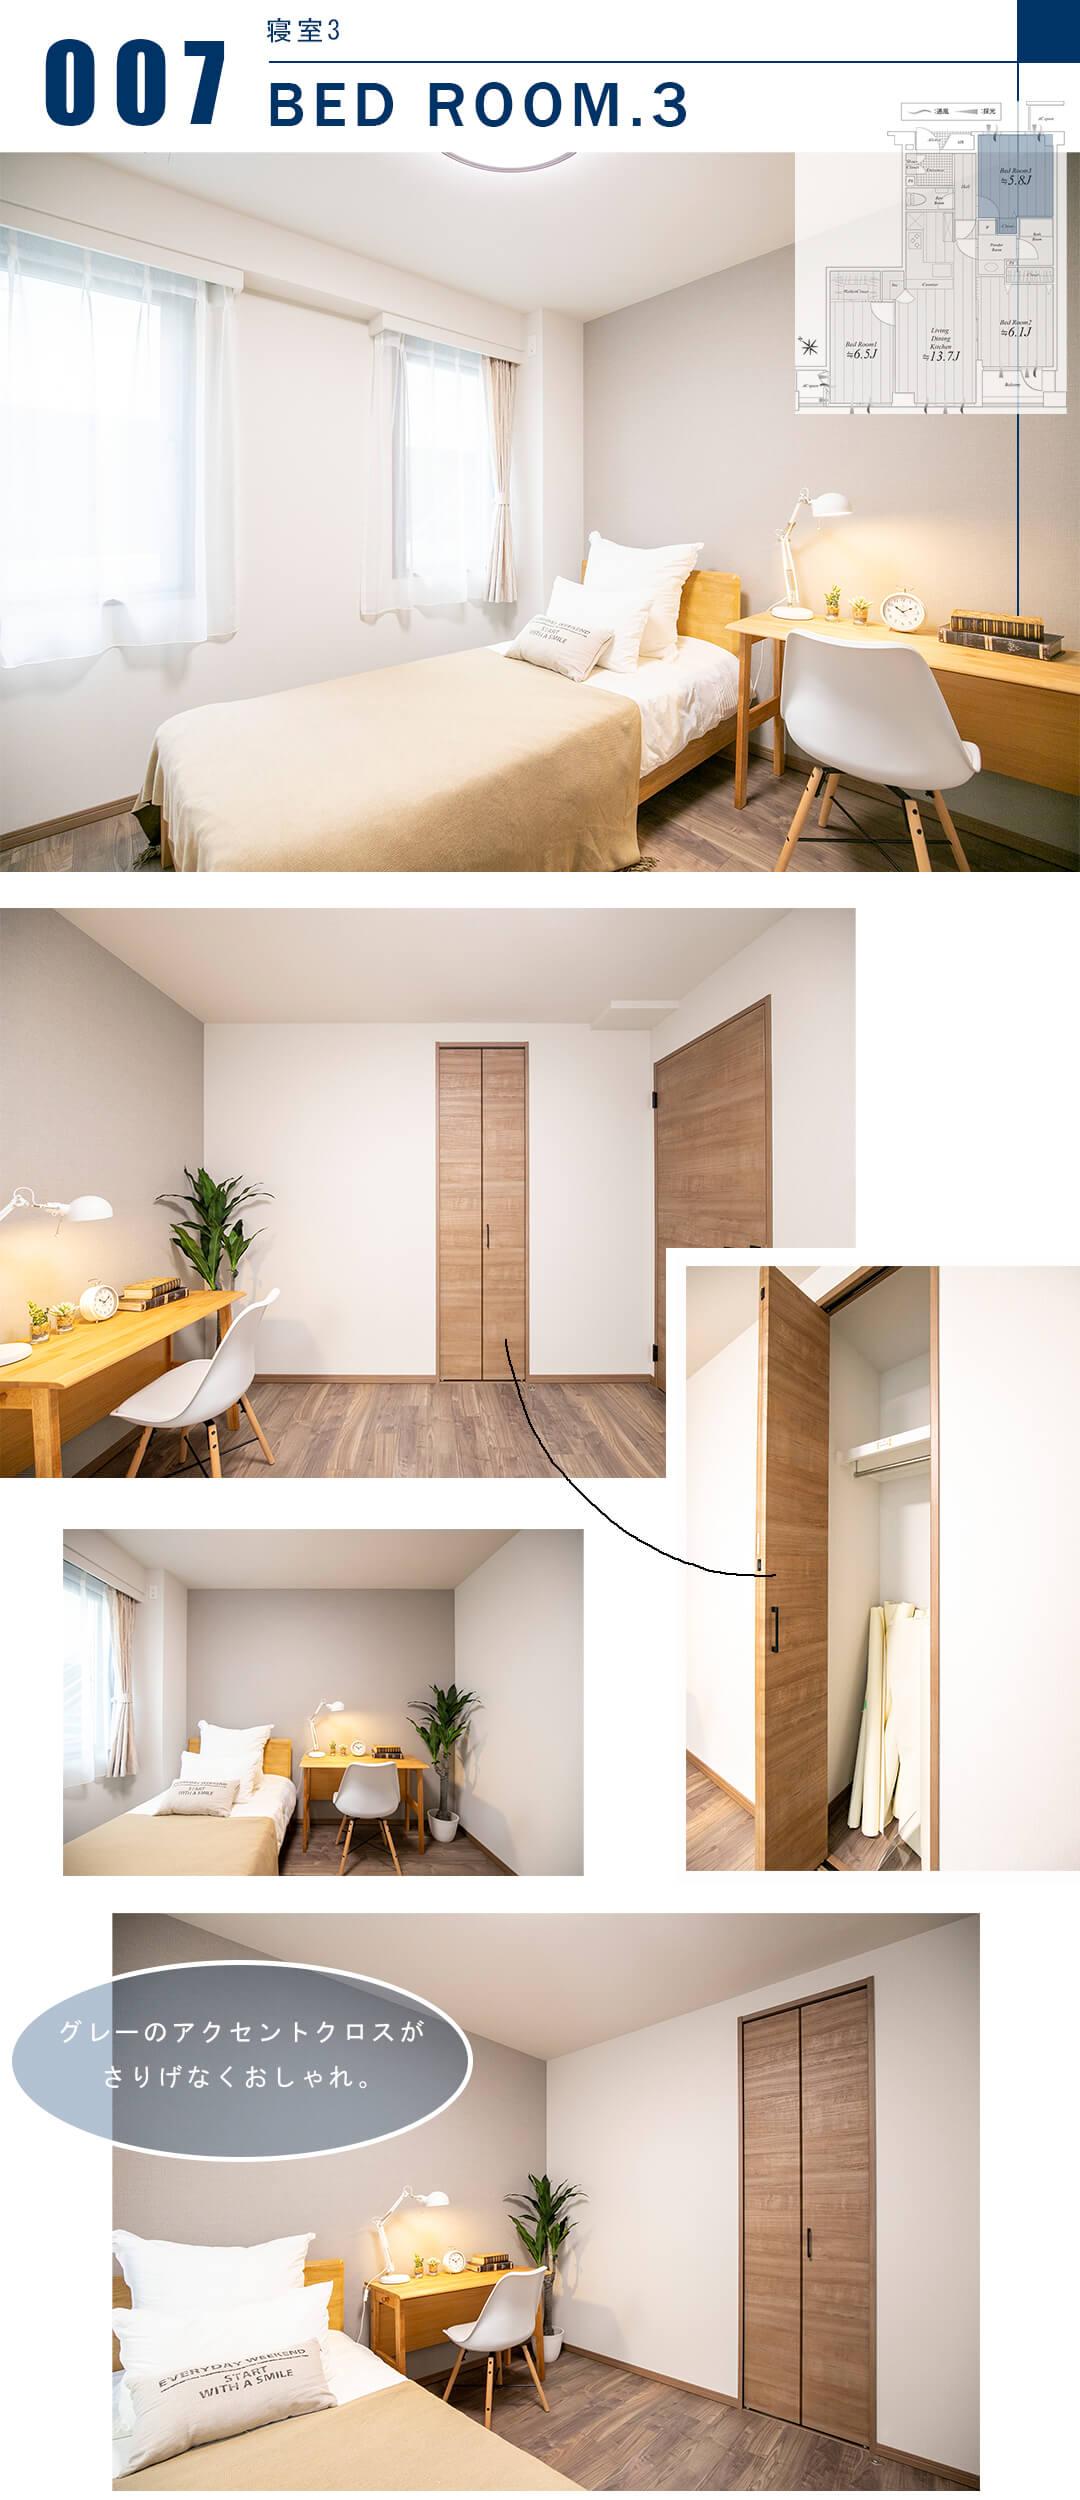 007寝室3,BED ROOM.3